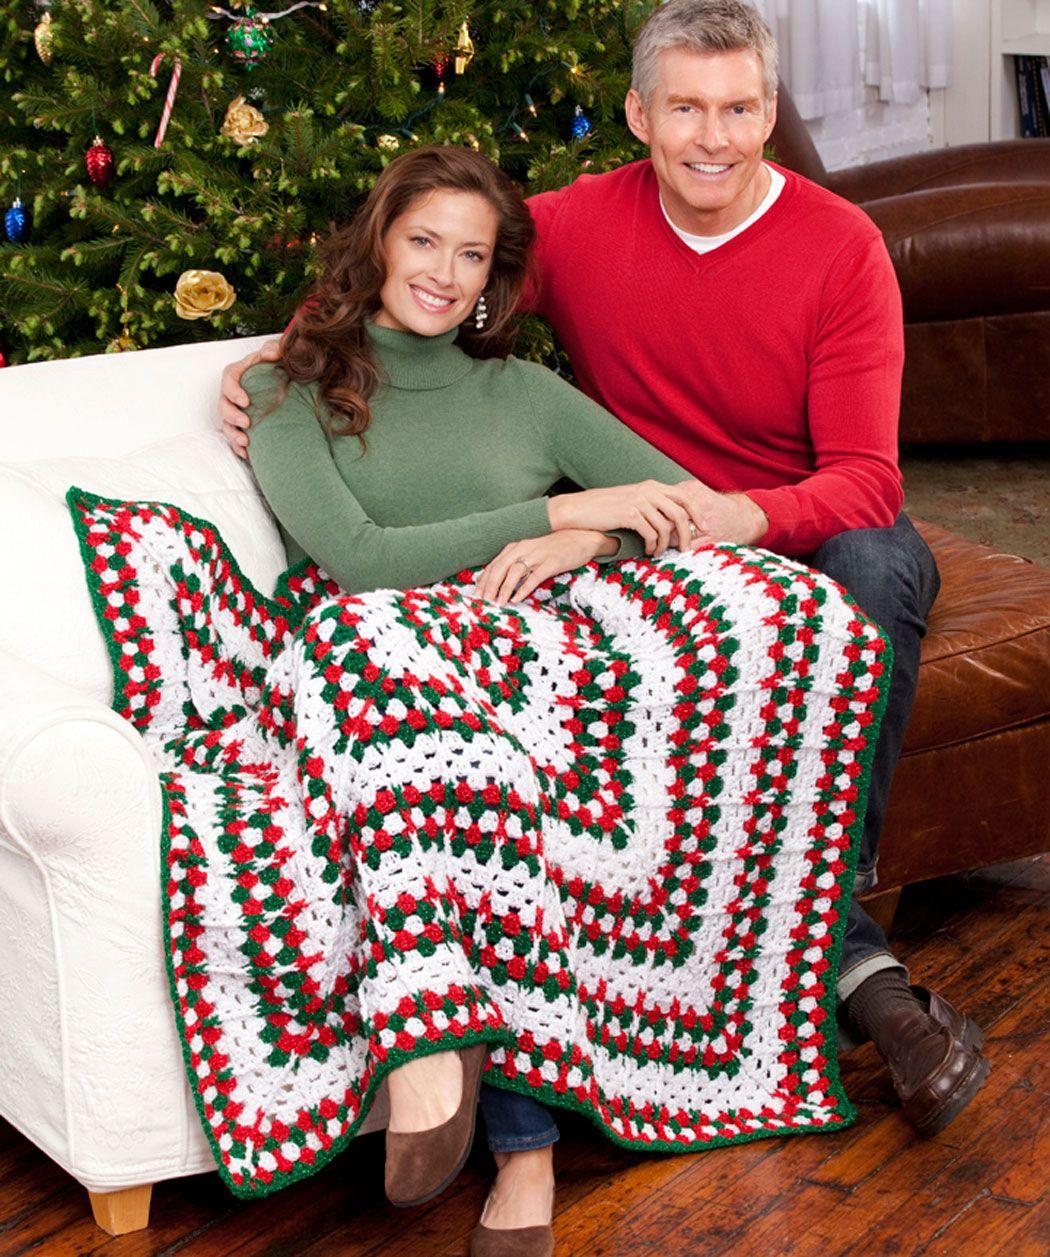 Häkelmuster für Weihnachtsdecke | Crochet afghans | Pinterest ...